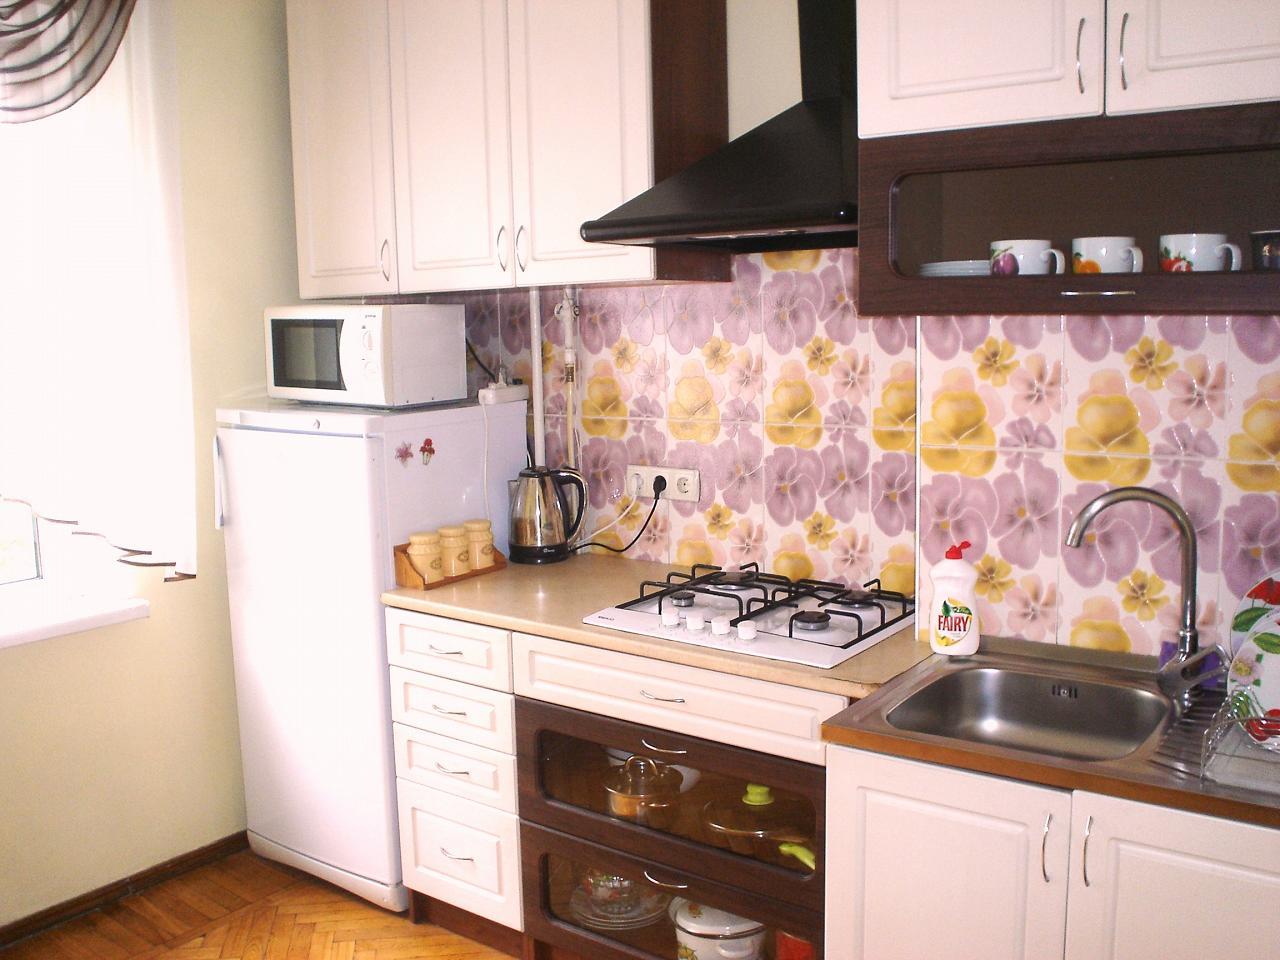 1-комнатная квартира посуточно в Одессе. Киевский район, ул. Ильфа и Петрова, 29 (7)